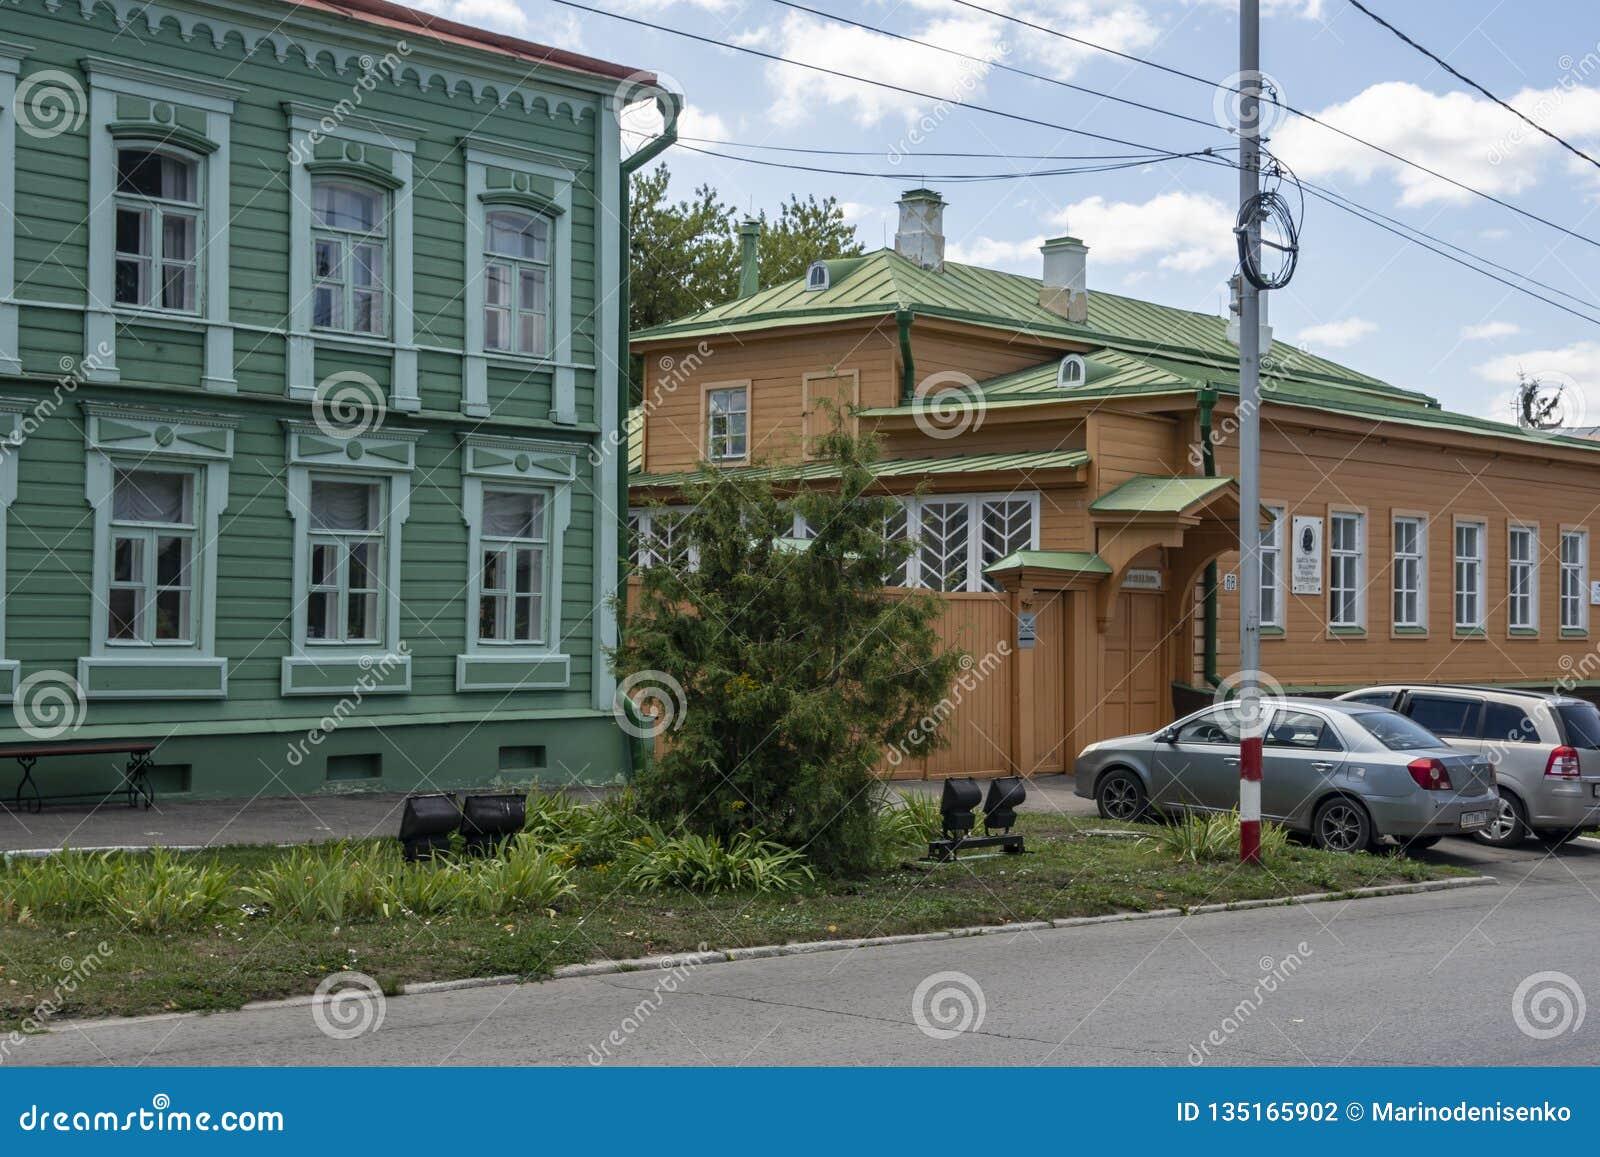 Ουλιάνοφσκ, Ρωσία - 10 Αυγούστου 2018: Σπίτι-μουσείο της οικογένειας Λένιν Ulyanov σε Simbirsk Ουλιάνοφσκ - κίτρινο χρώμα στο rig